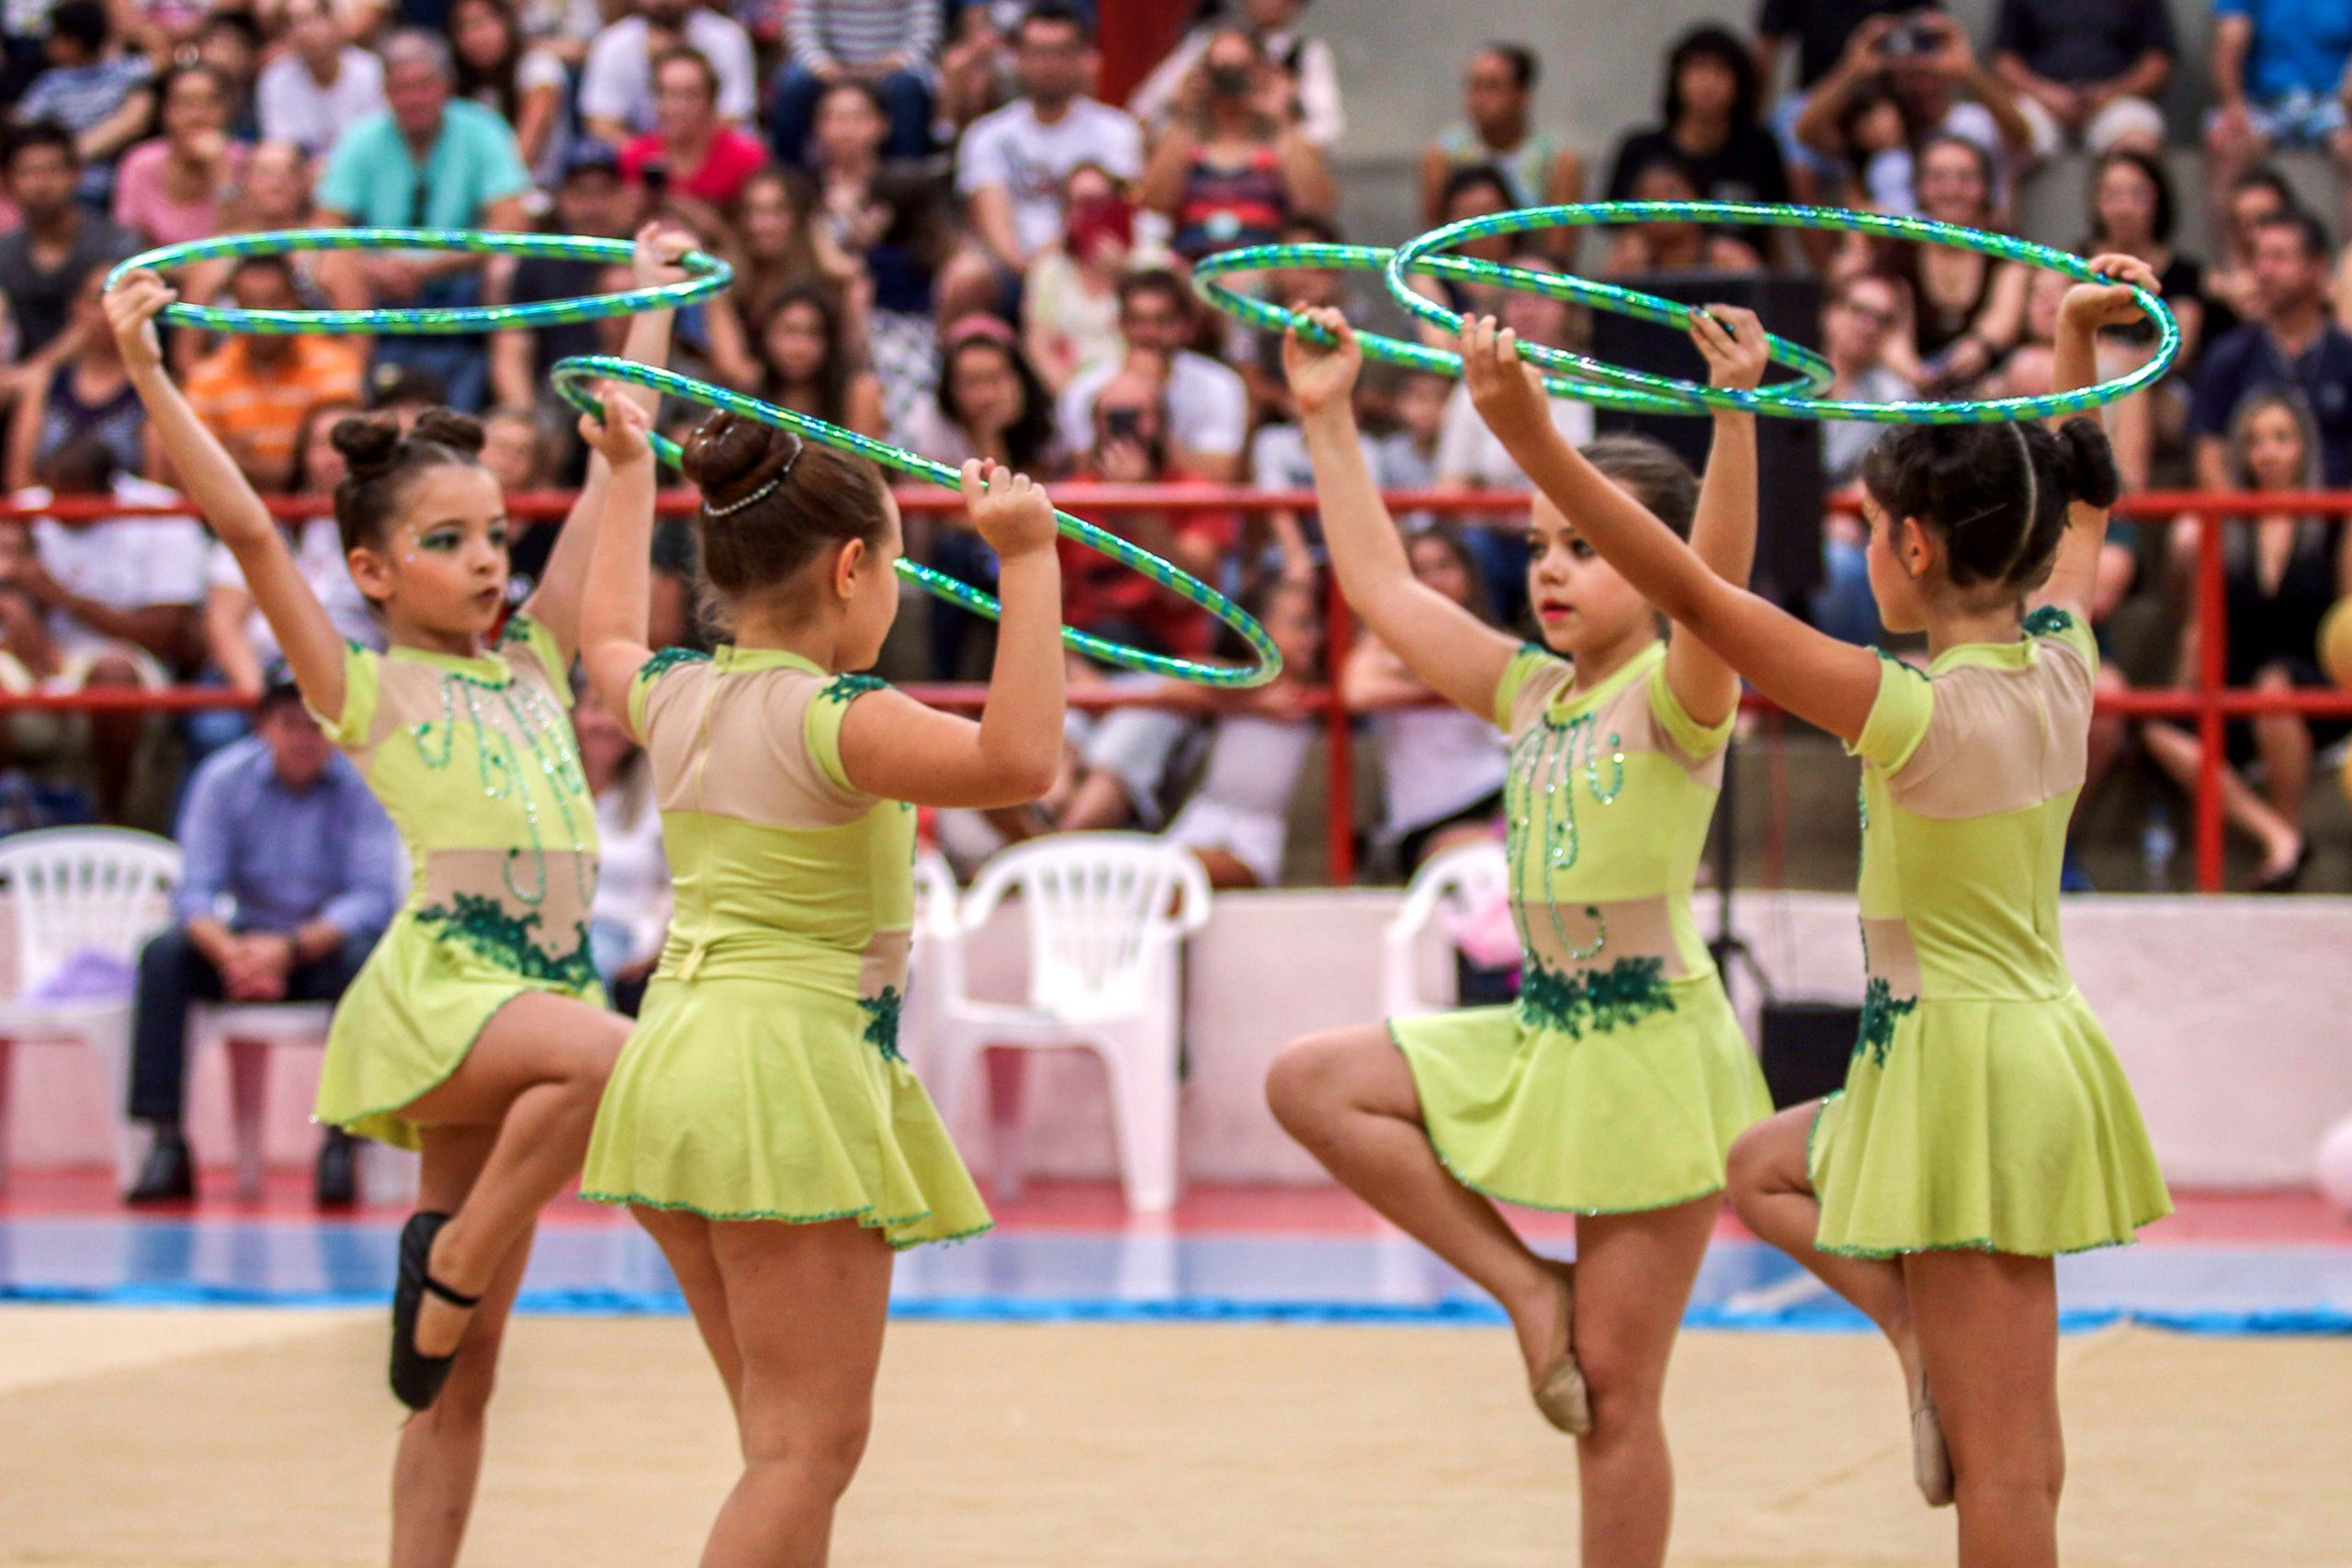 Complexo Lagoão recebeu um grande público, formado especialmente por familiares e amigos dos atletas integrantes das escolinhas municipais